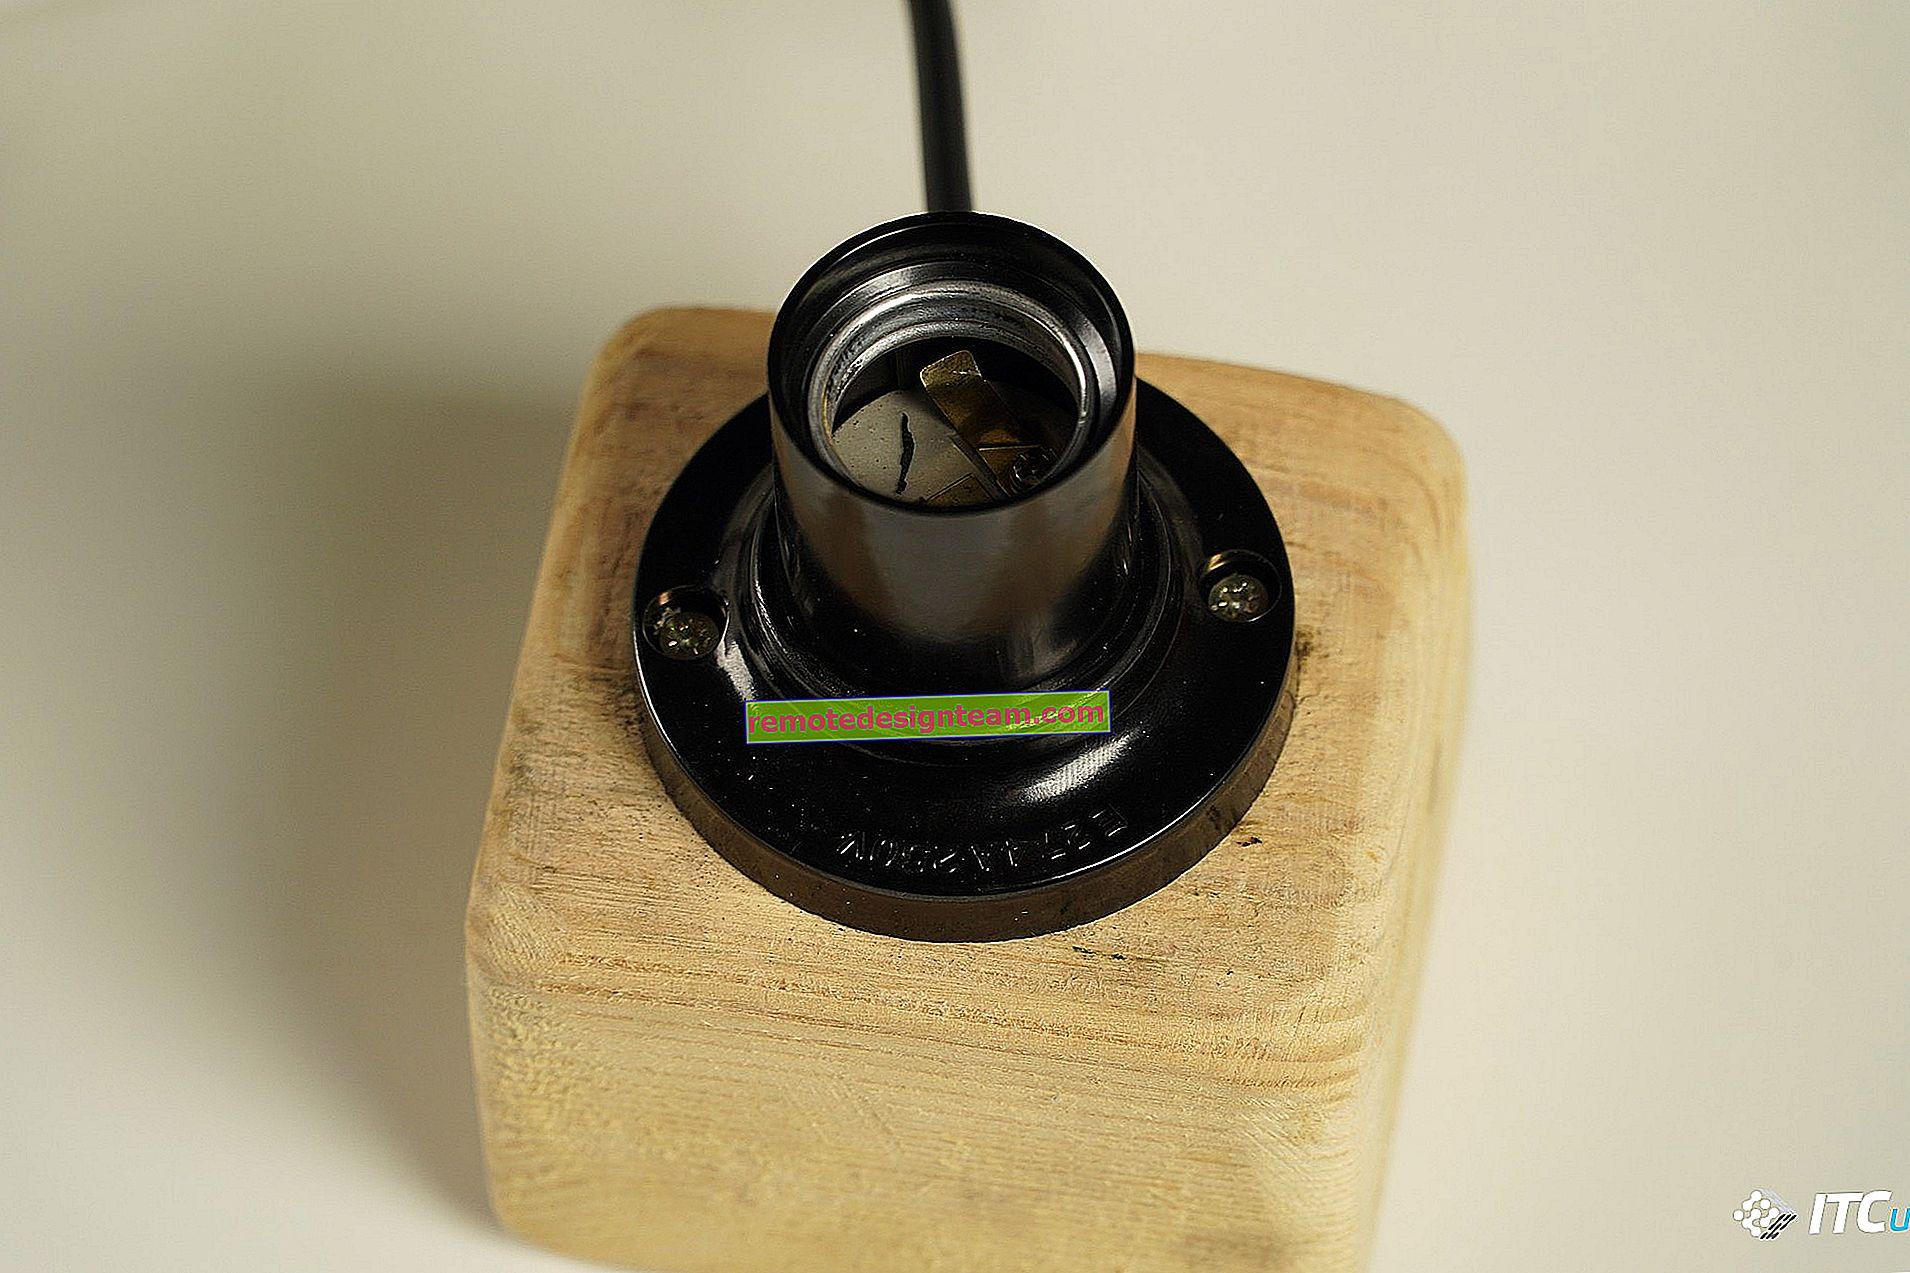 Bola lampu pintar dari TP-Link: koneksi, konfigurasi, kontrol